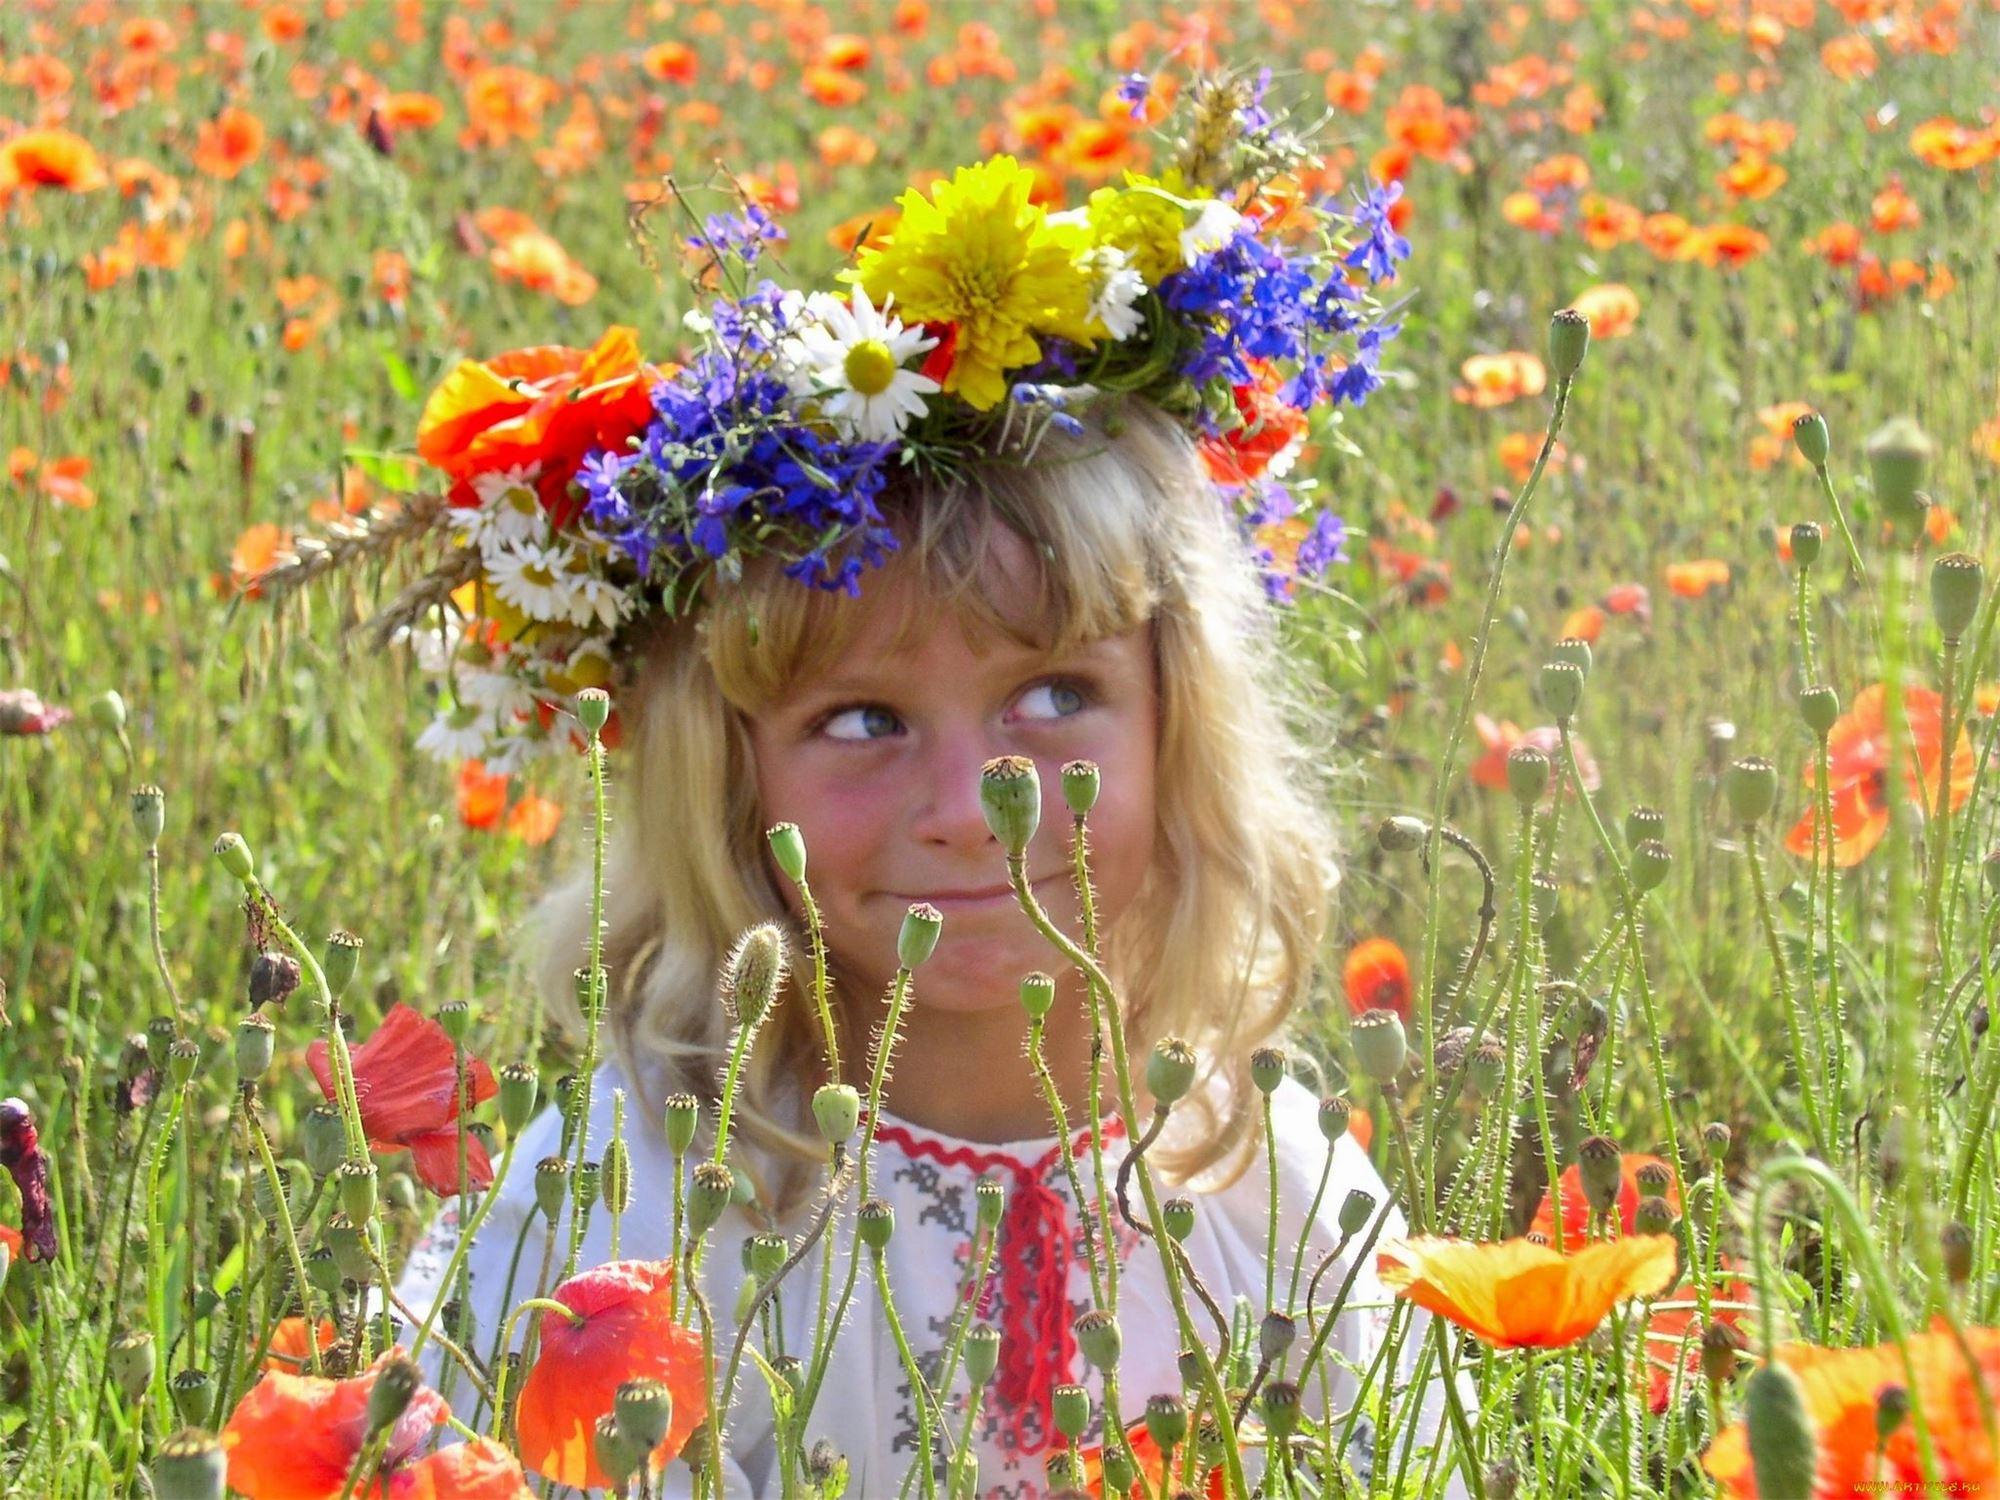 Принцессой жасмин, веселые картинки июль